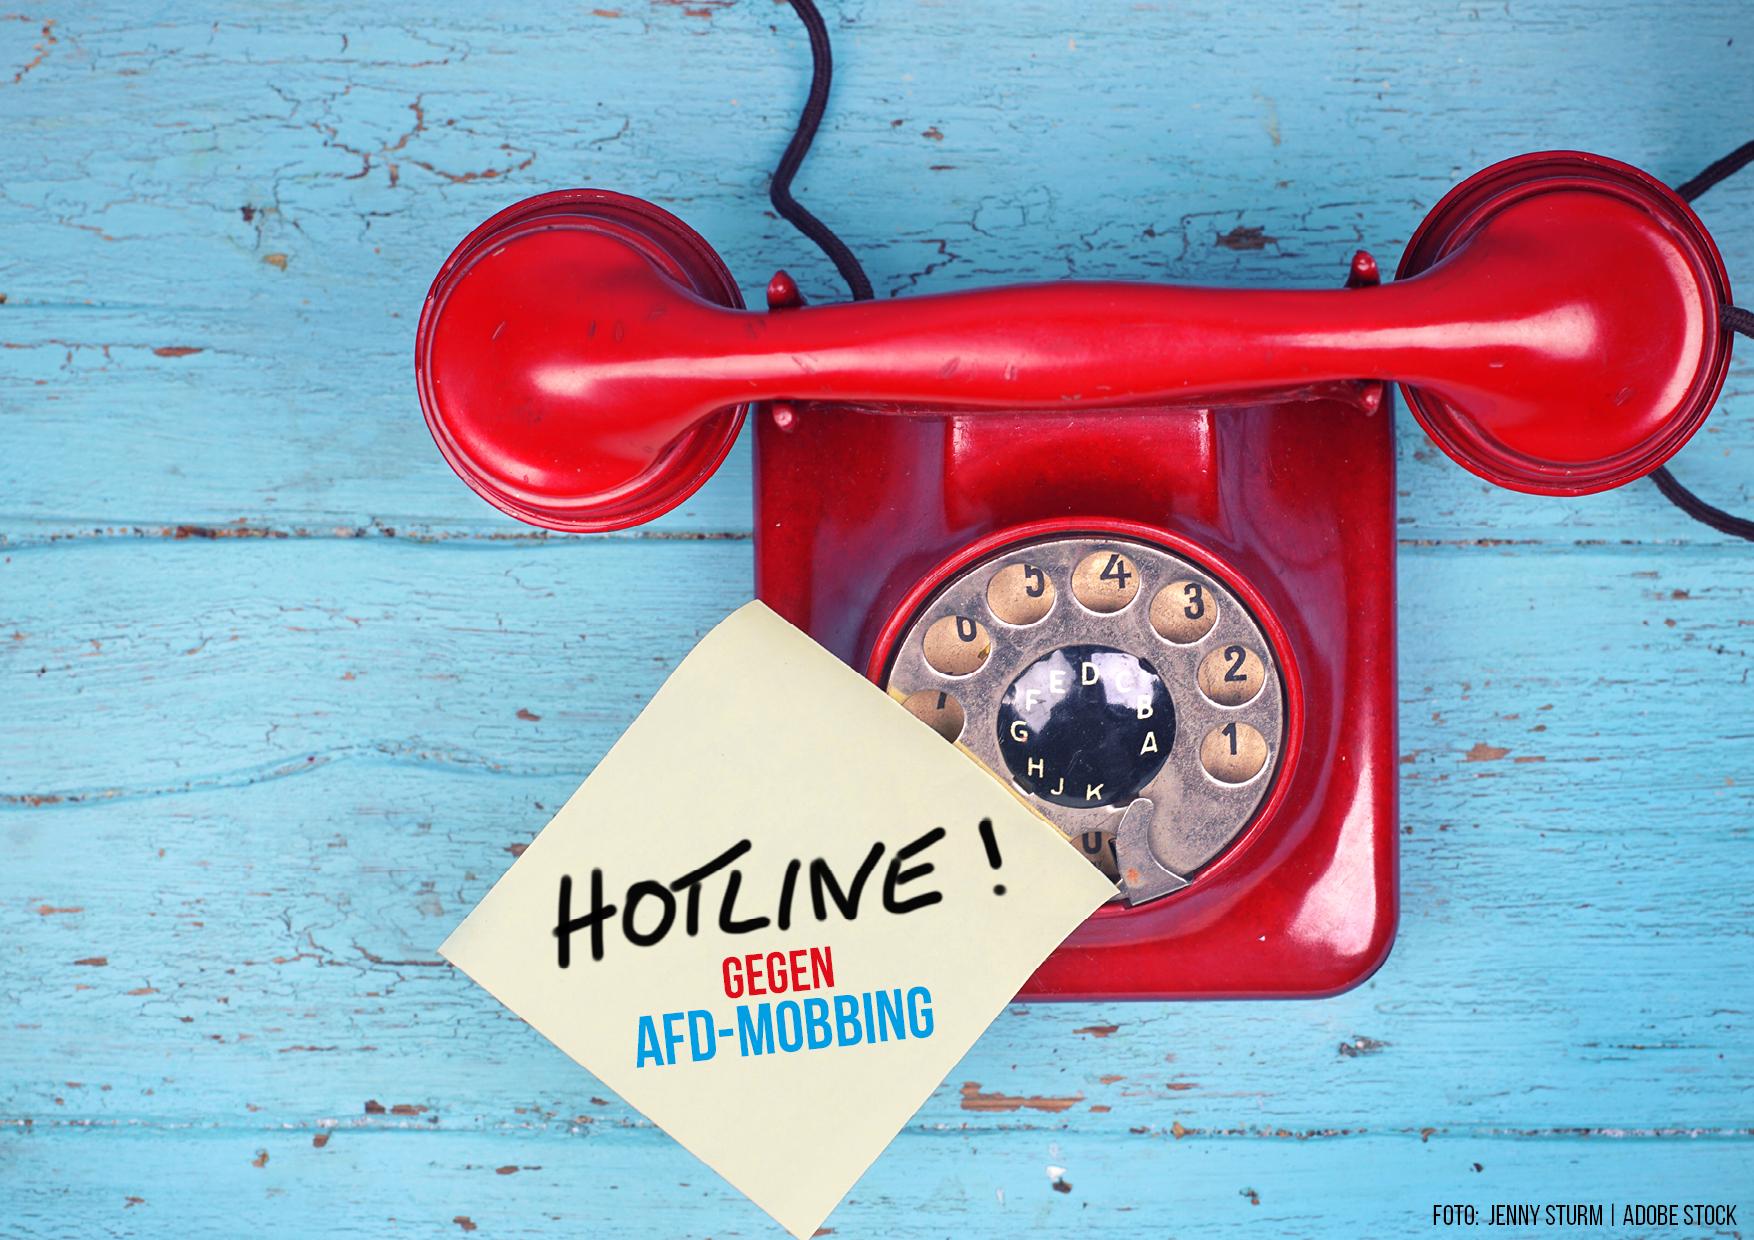 Hotline gegen AfD-Mobbing